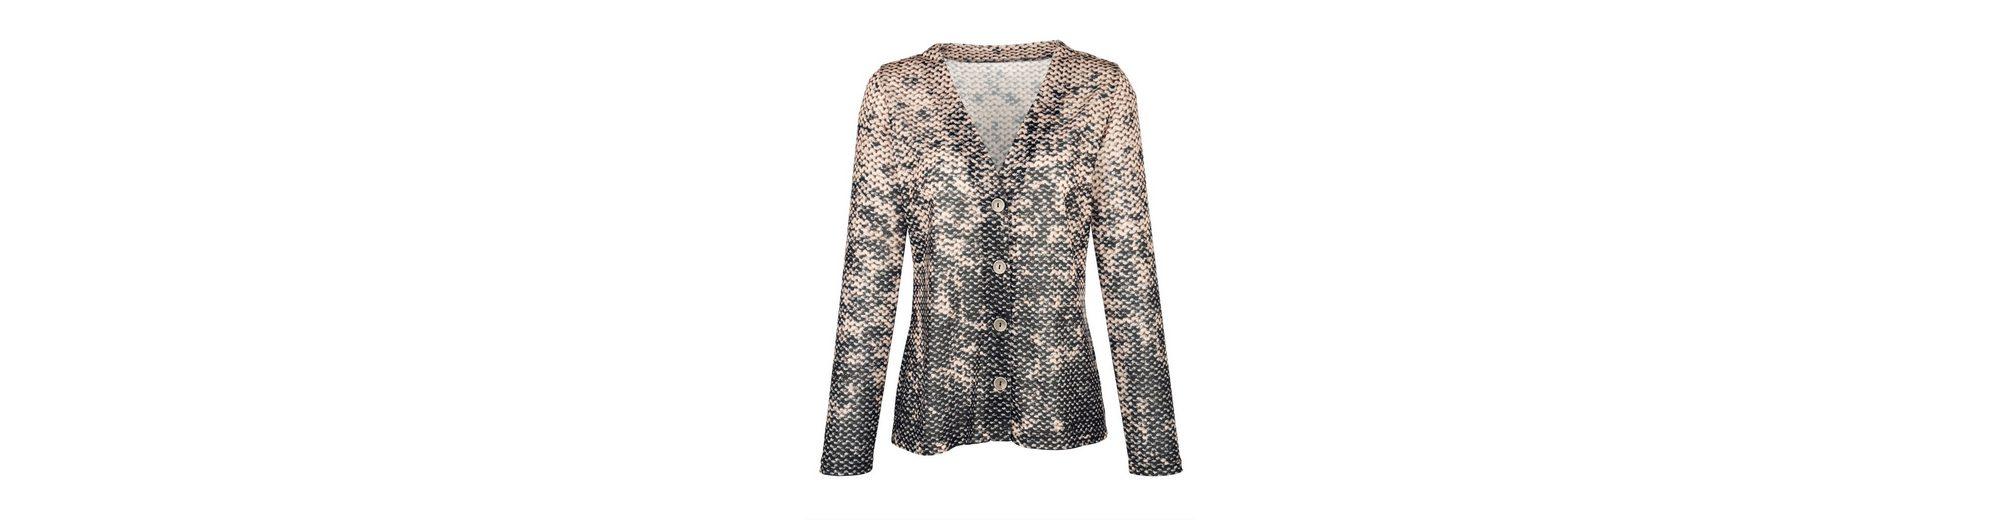 Mona Shirtjacke mit attraktivem Druck Preise Gut Verkaufen Zu Verkaufen VbGp01p